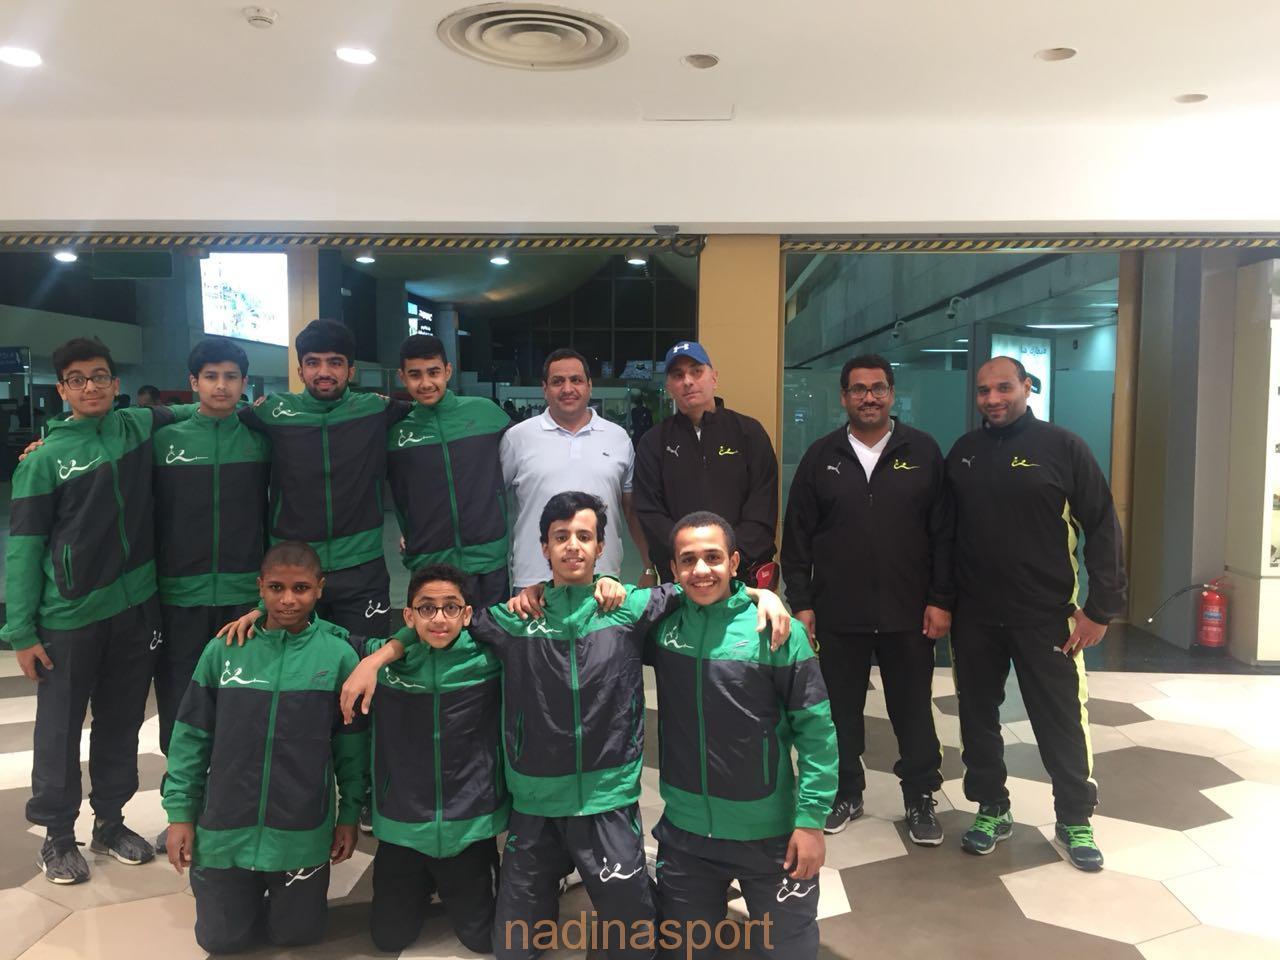 المنتخب السعودي للمبارزة يبدأ الجولة الاسيوية في الصين